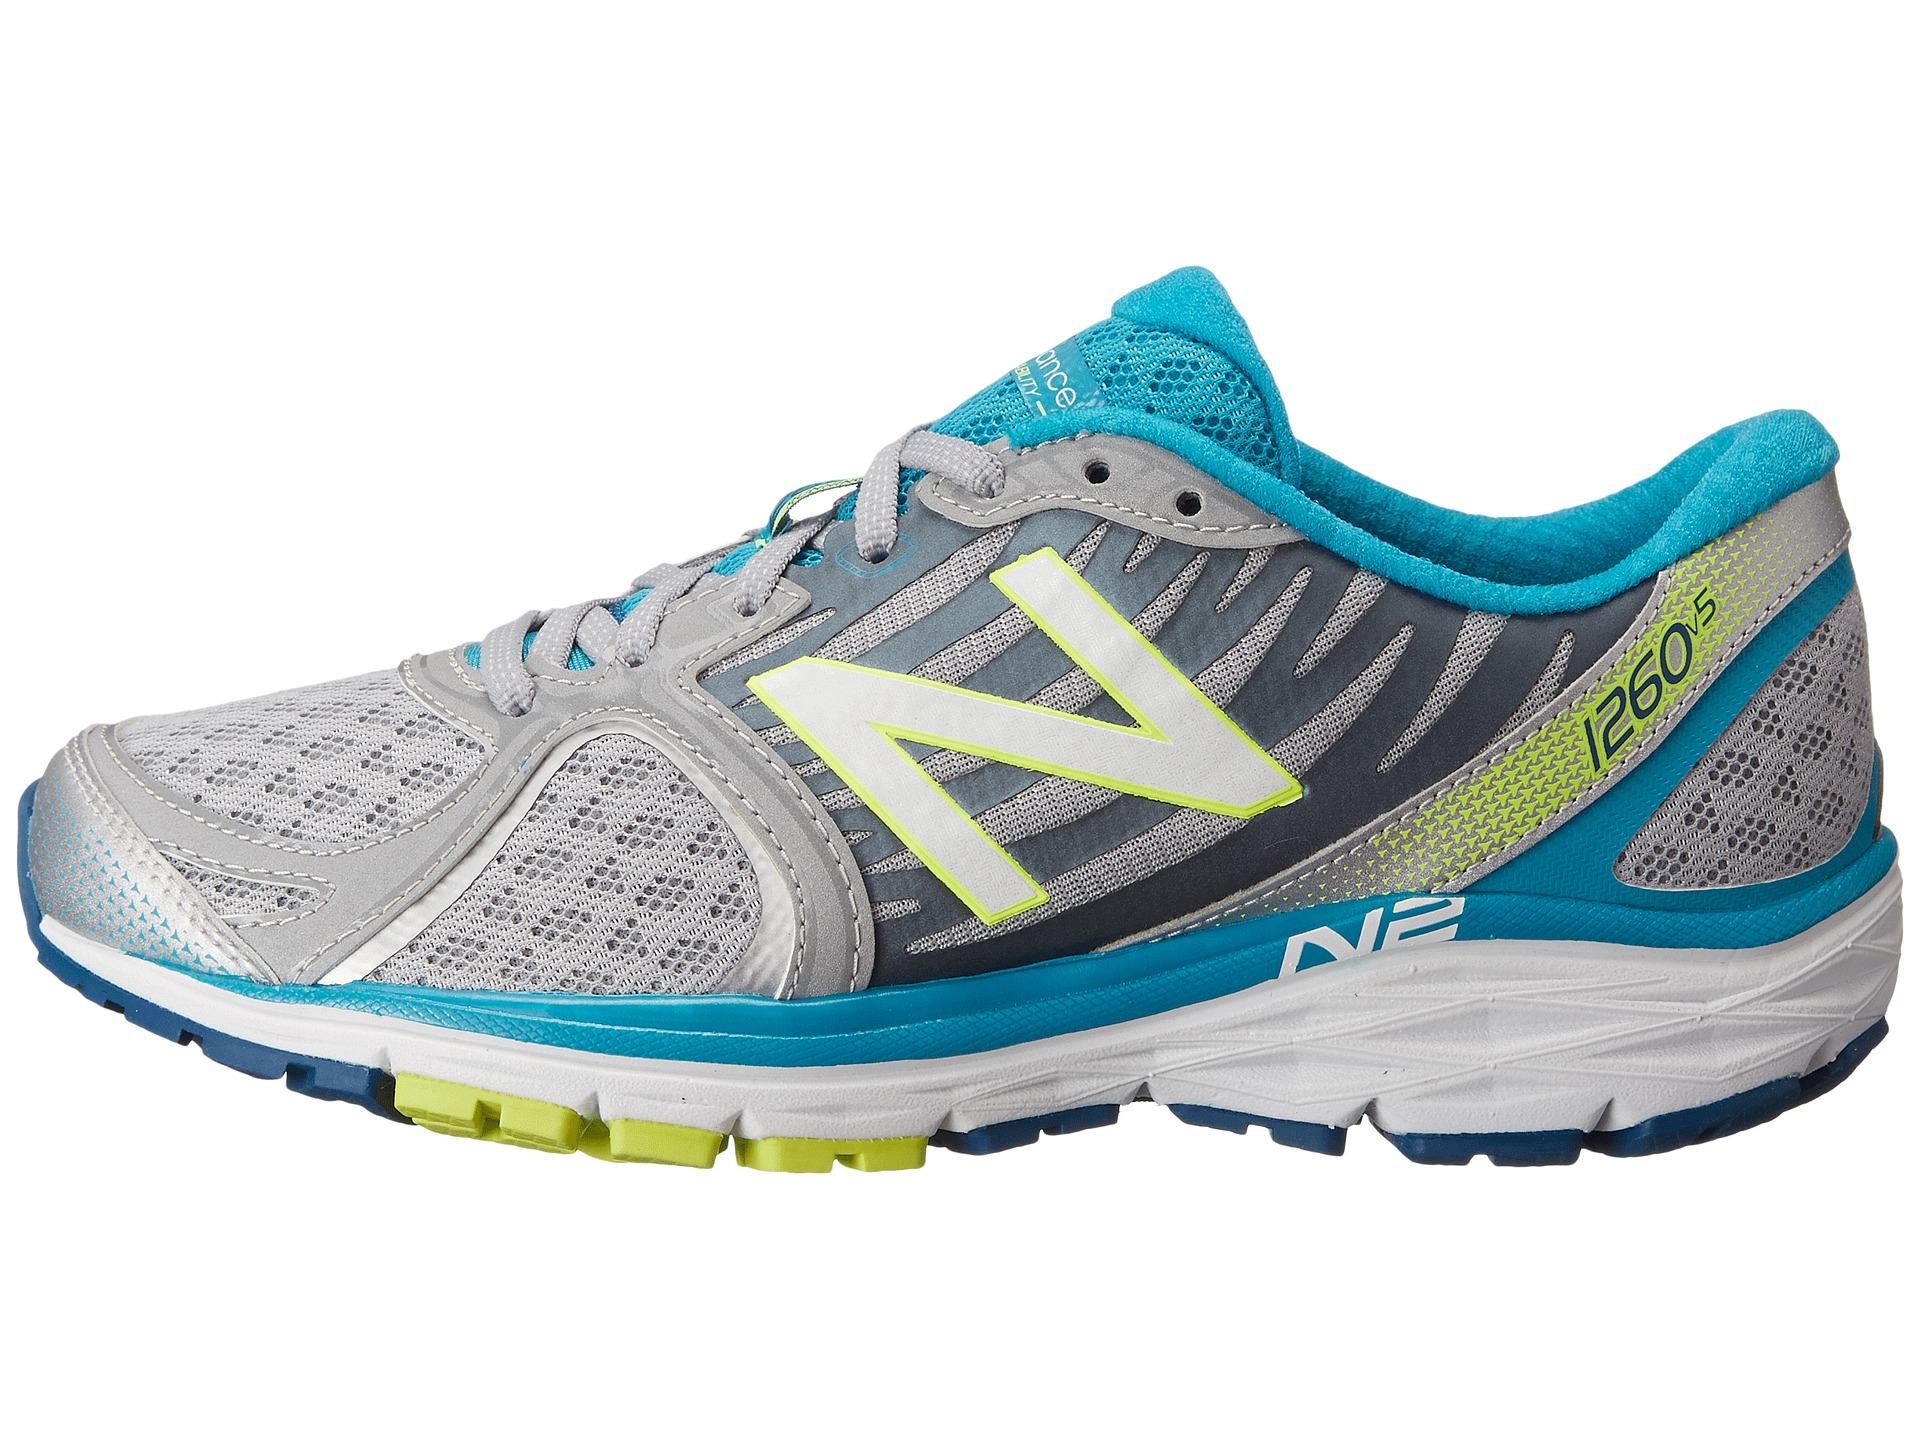 Charleston Running Shoe Store